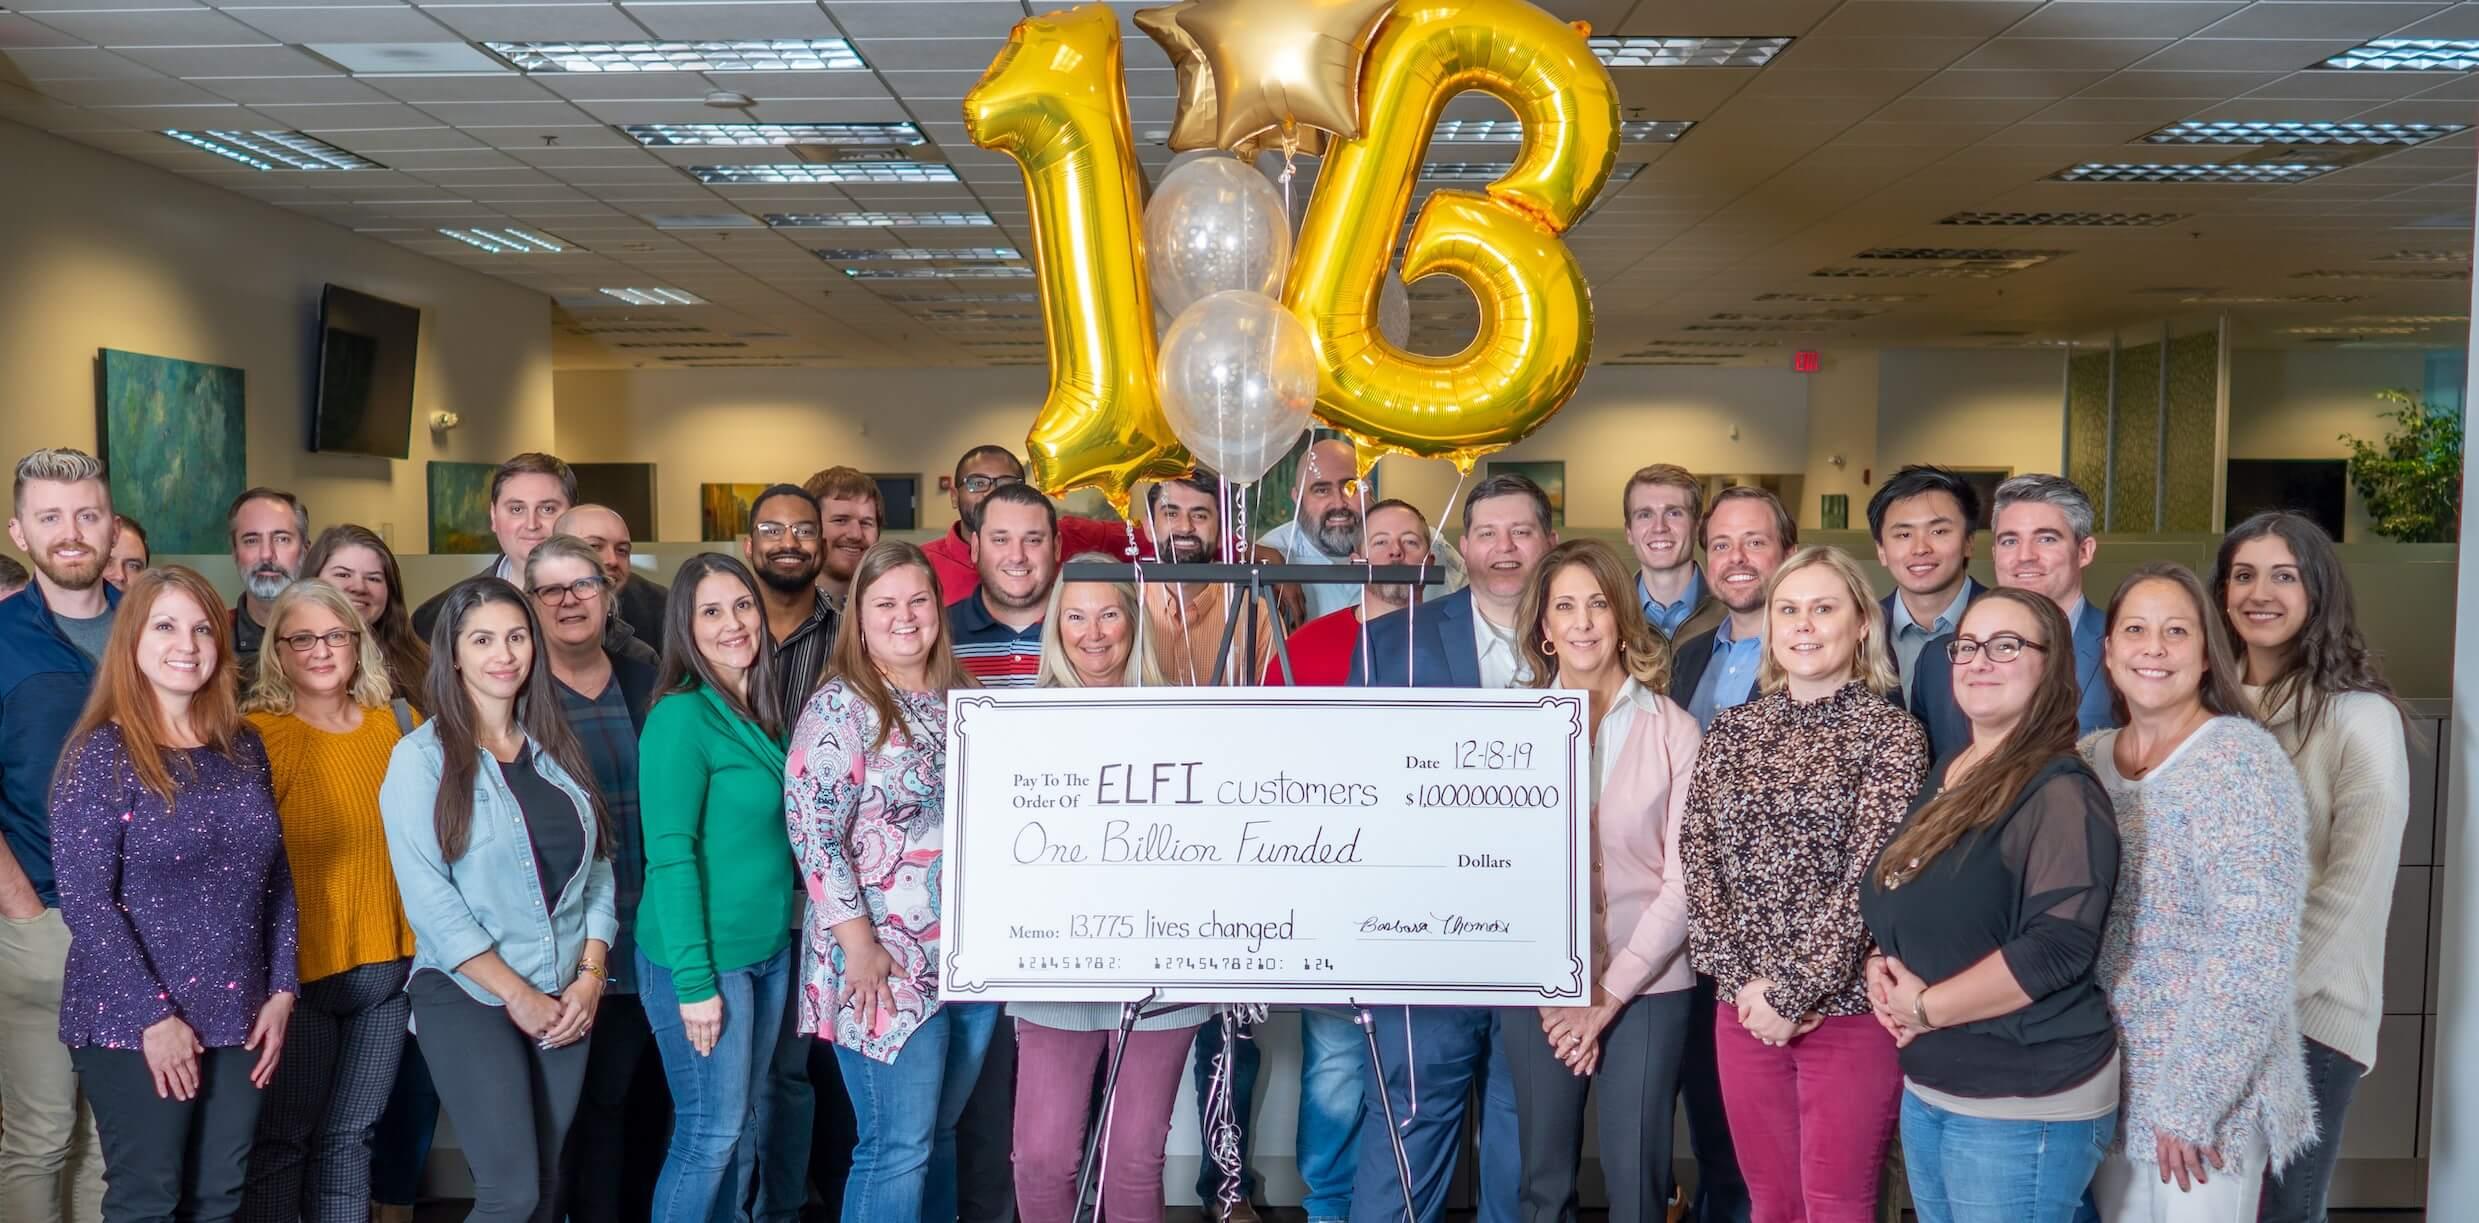 The ELFI team celebrates their milestone.